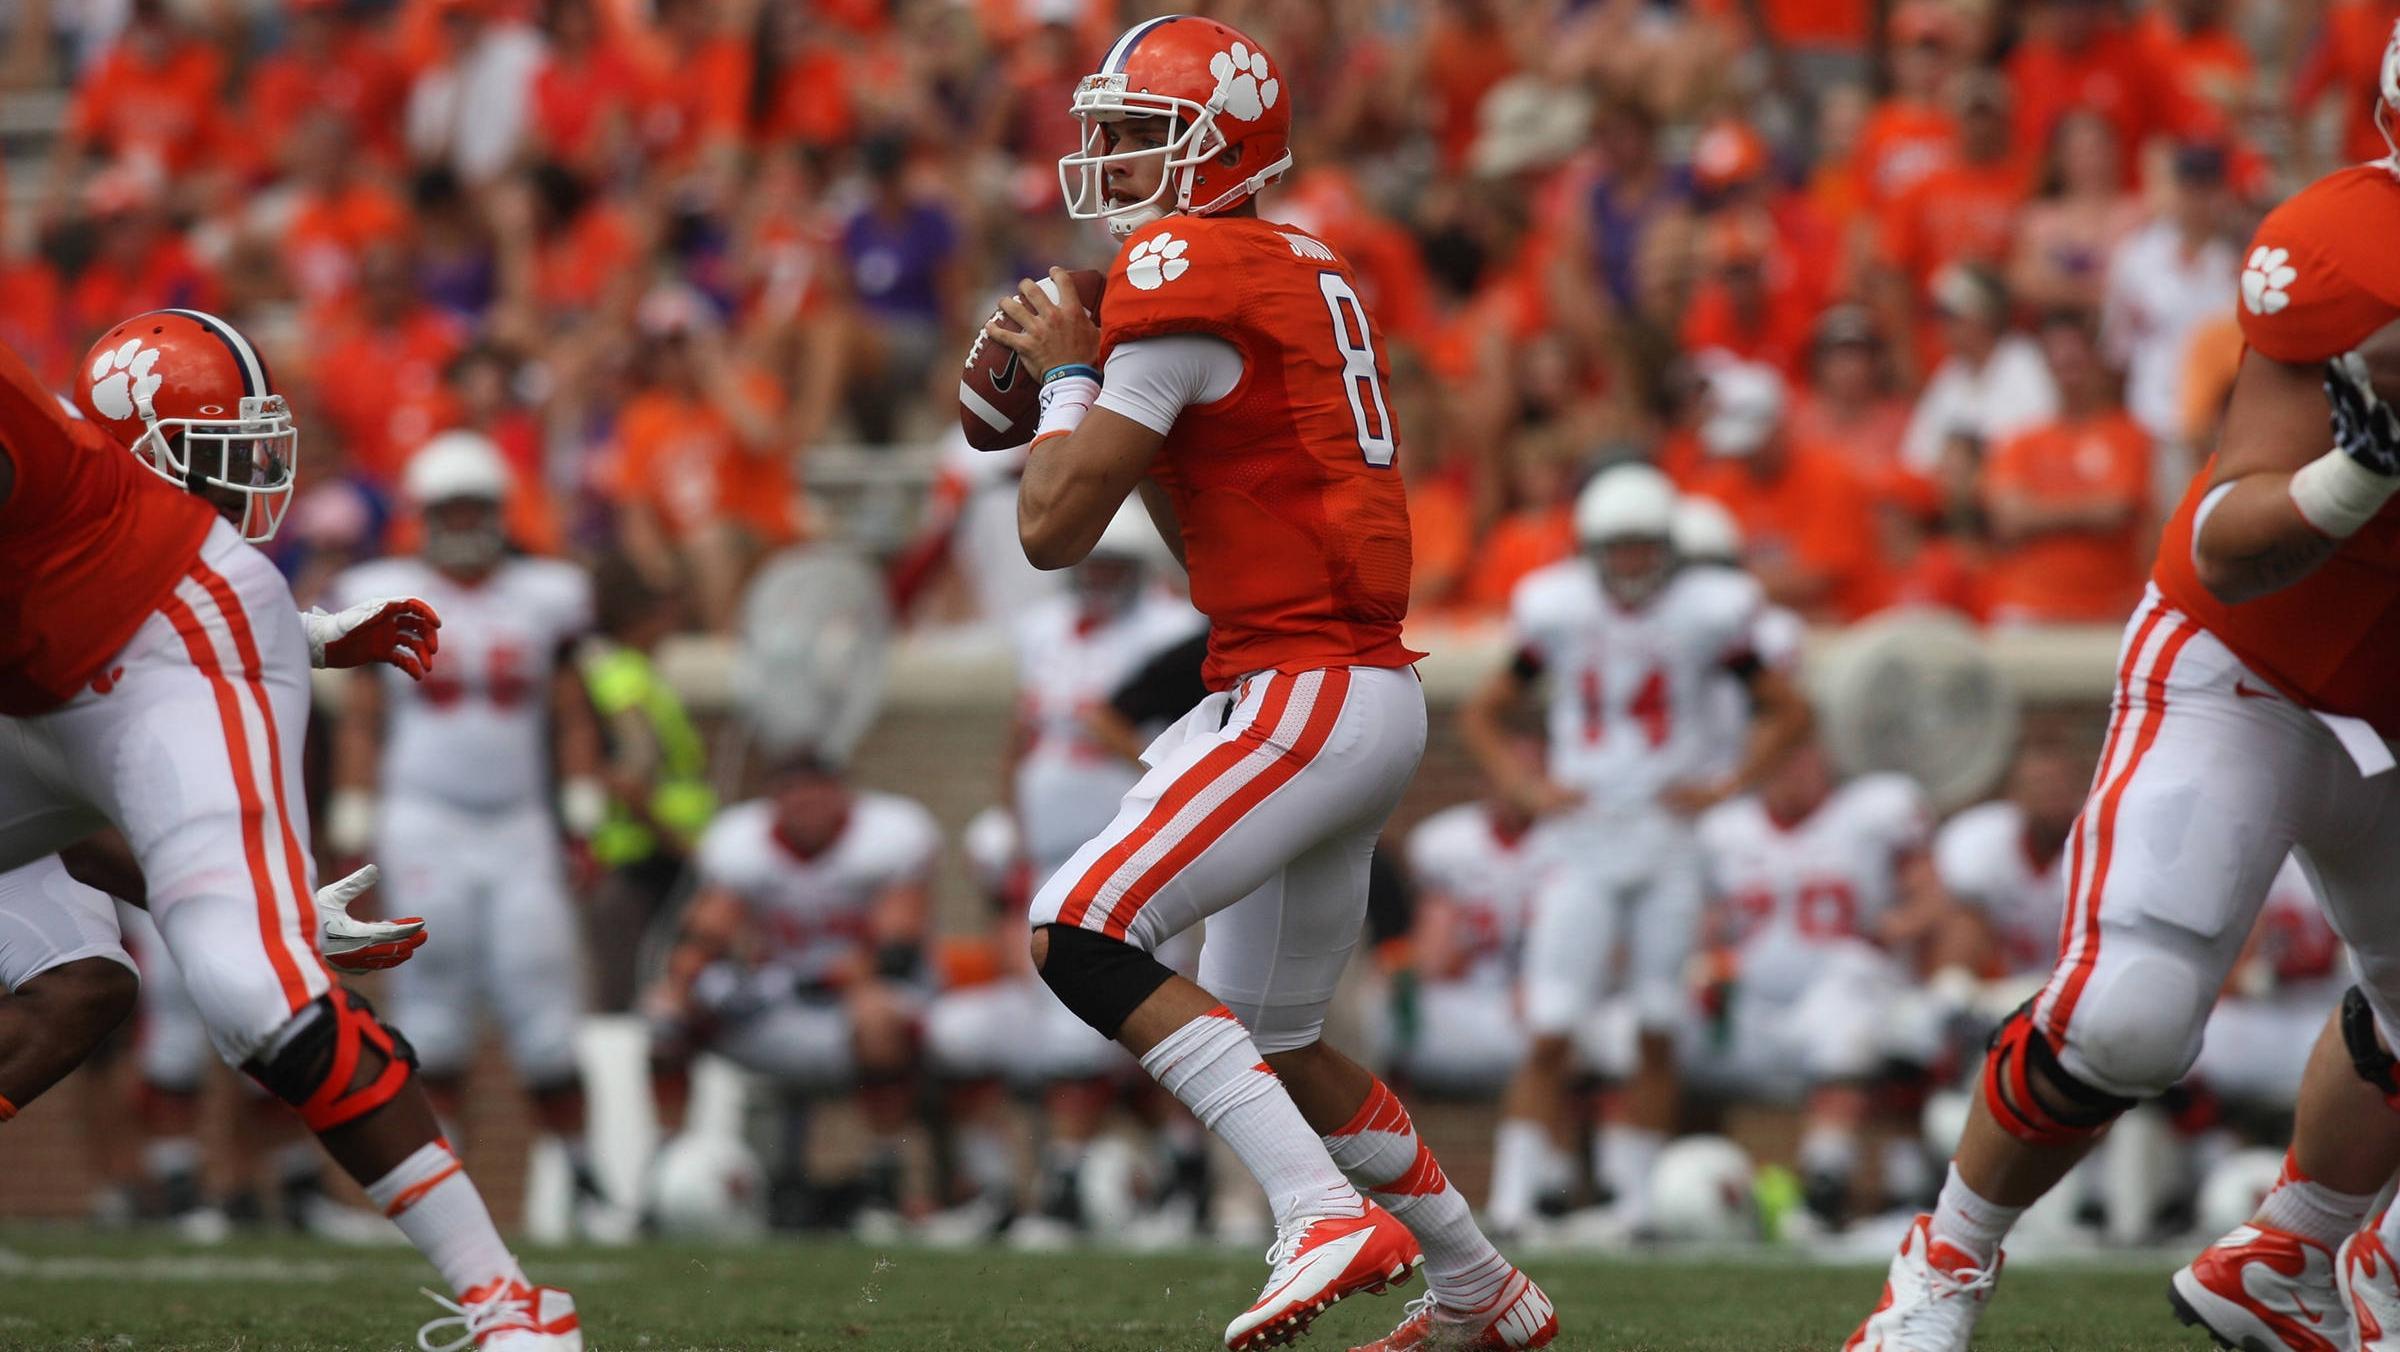 Clemson Football Video Report: Quarterback Cole Stoudt